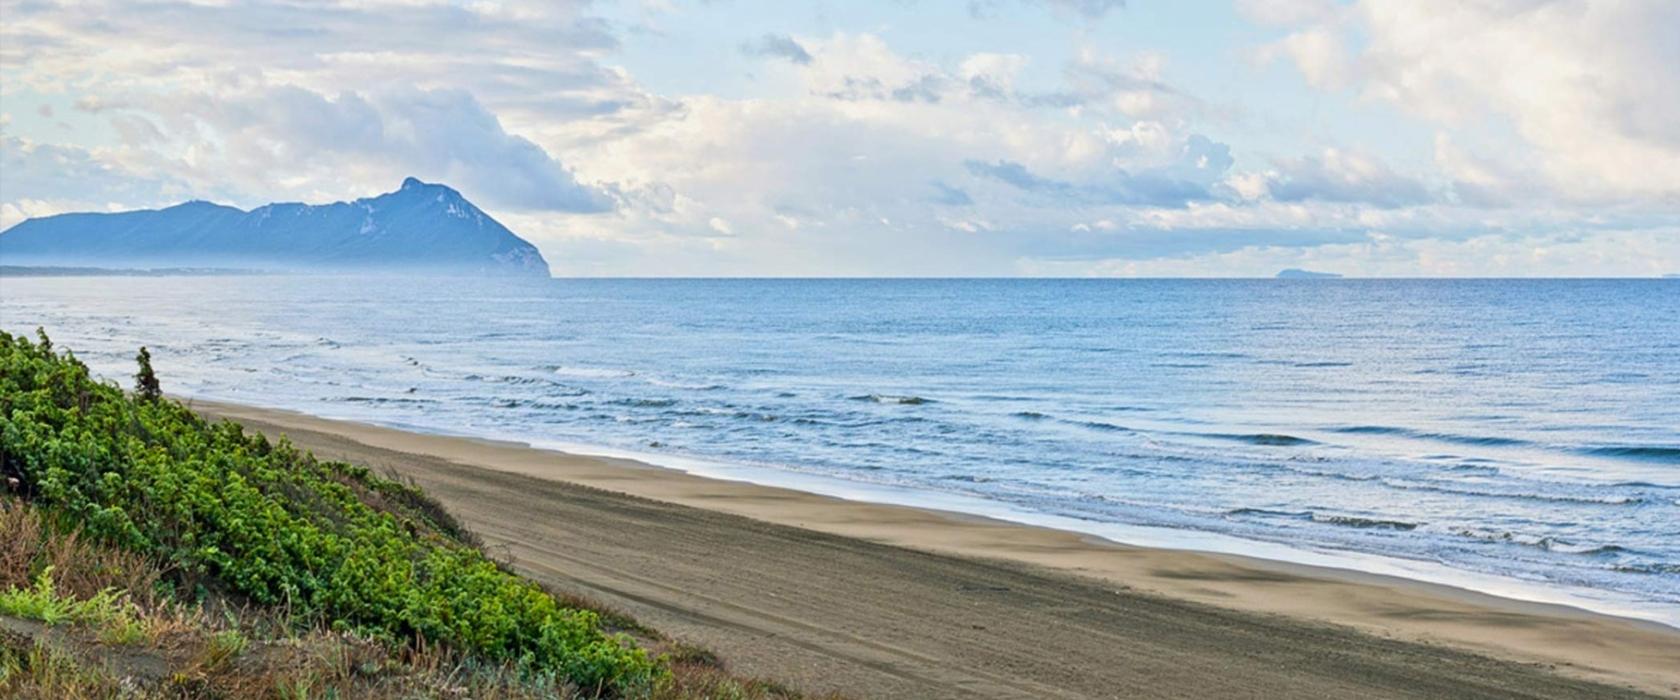 Spiaggia Battipaglia | Hotel Palace | Battipaglia